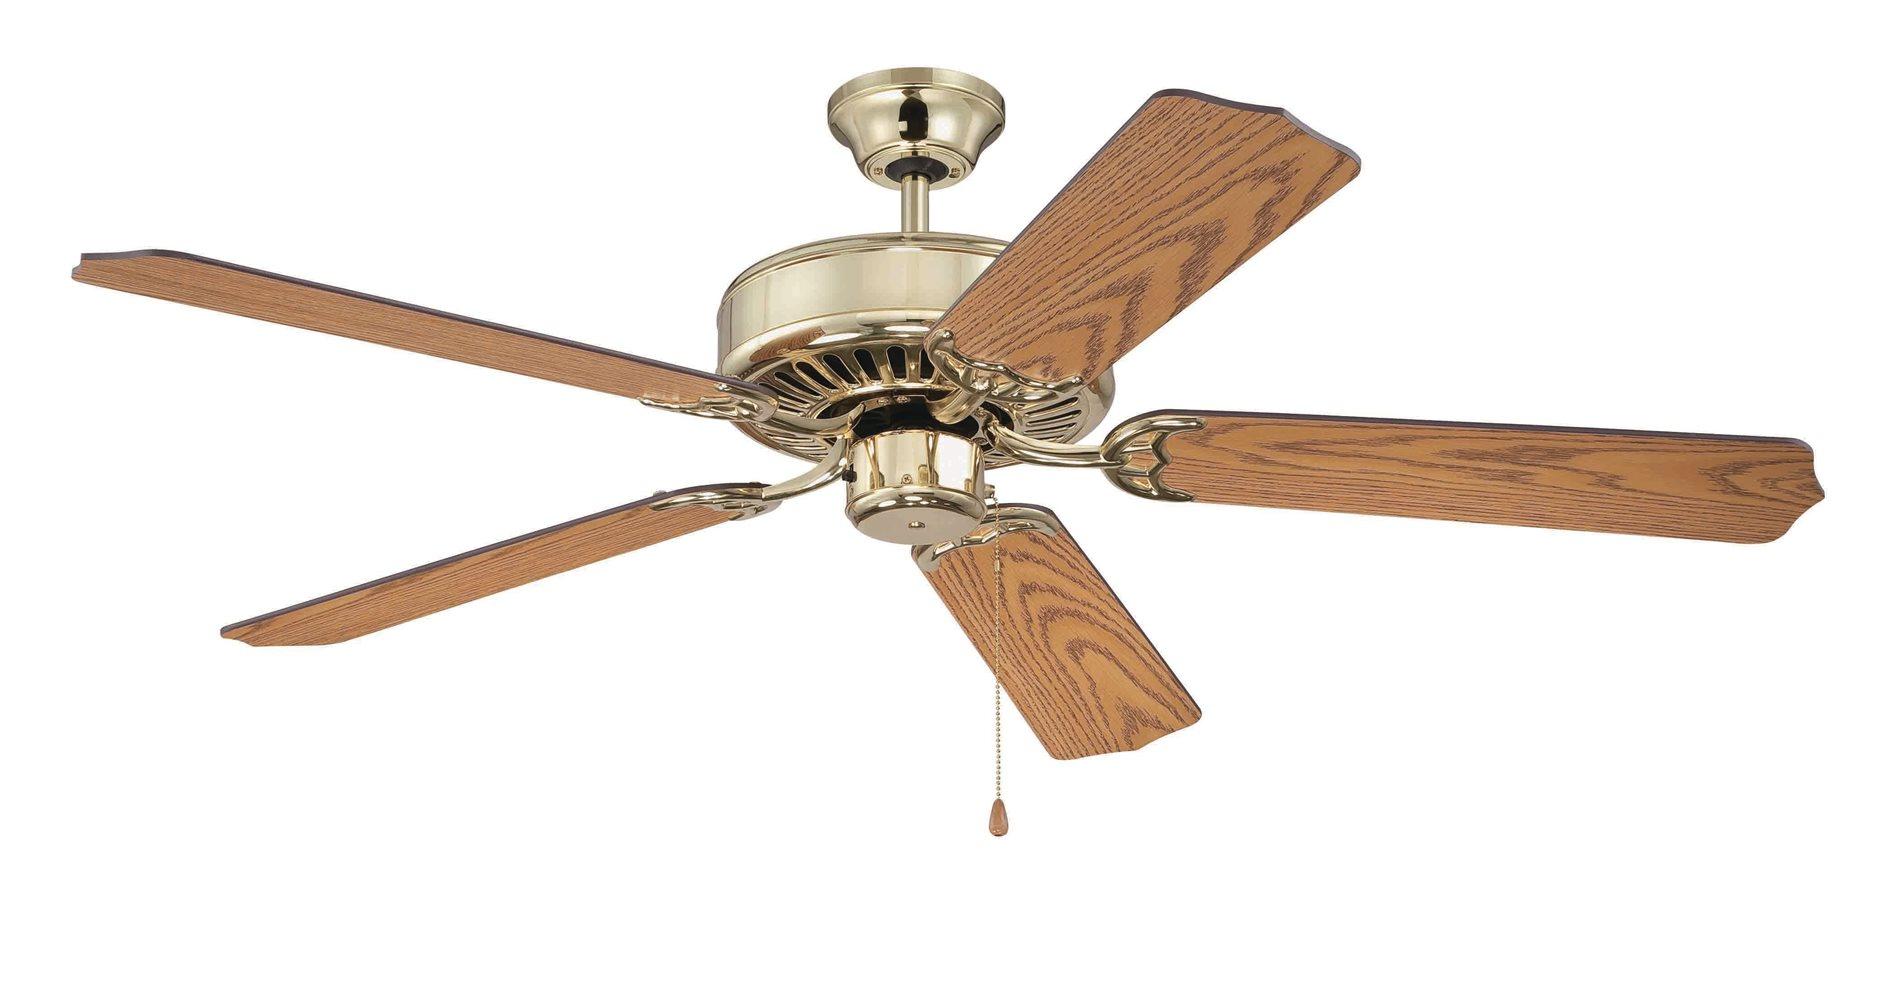 Decorative Ceiling Fans : Craftmade c pb quot decorative ceiling fan cm